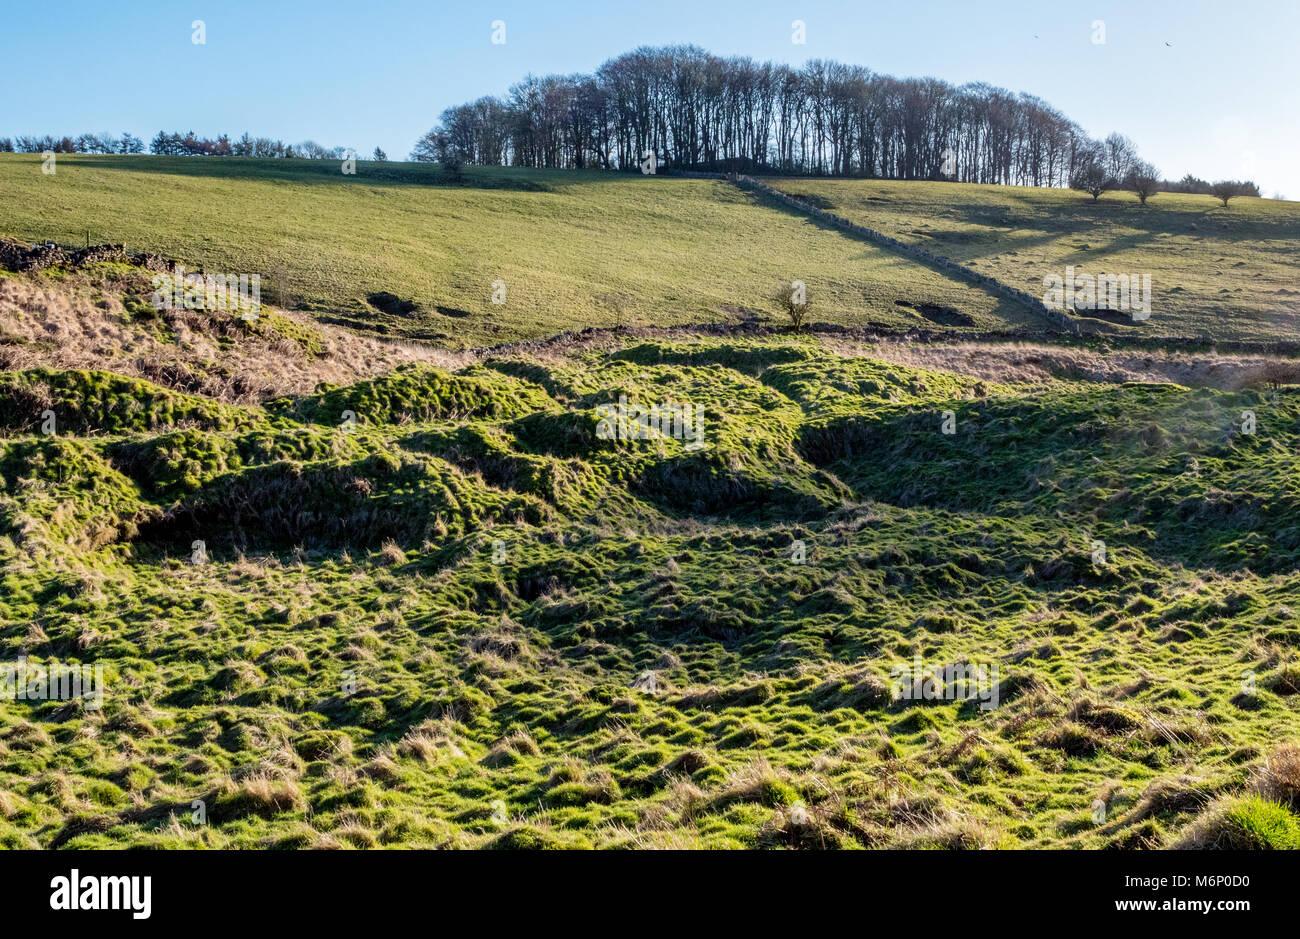 Restos de plomo acondicionamiento de escombreras mineras conocidas localmente como tierra gruffy en Velvet abajo Imagen De Stock